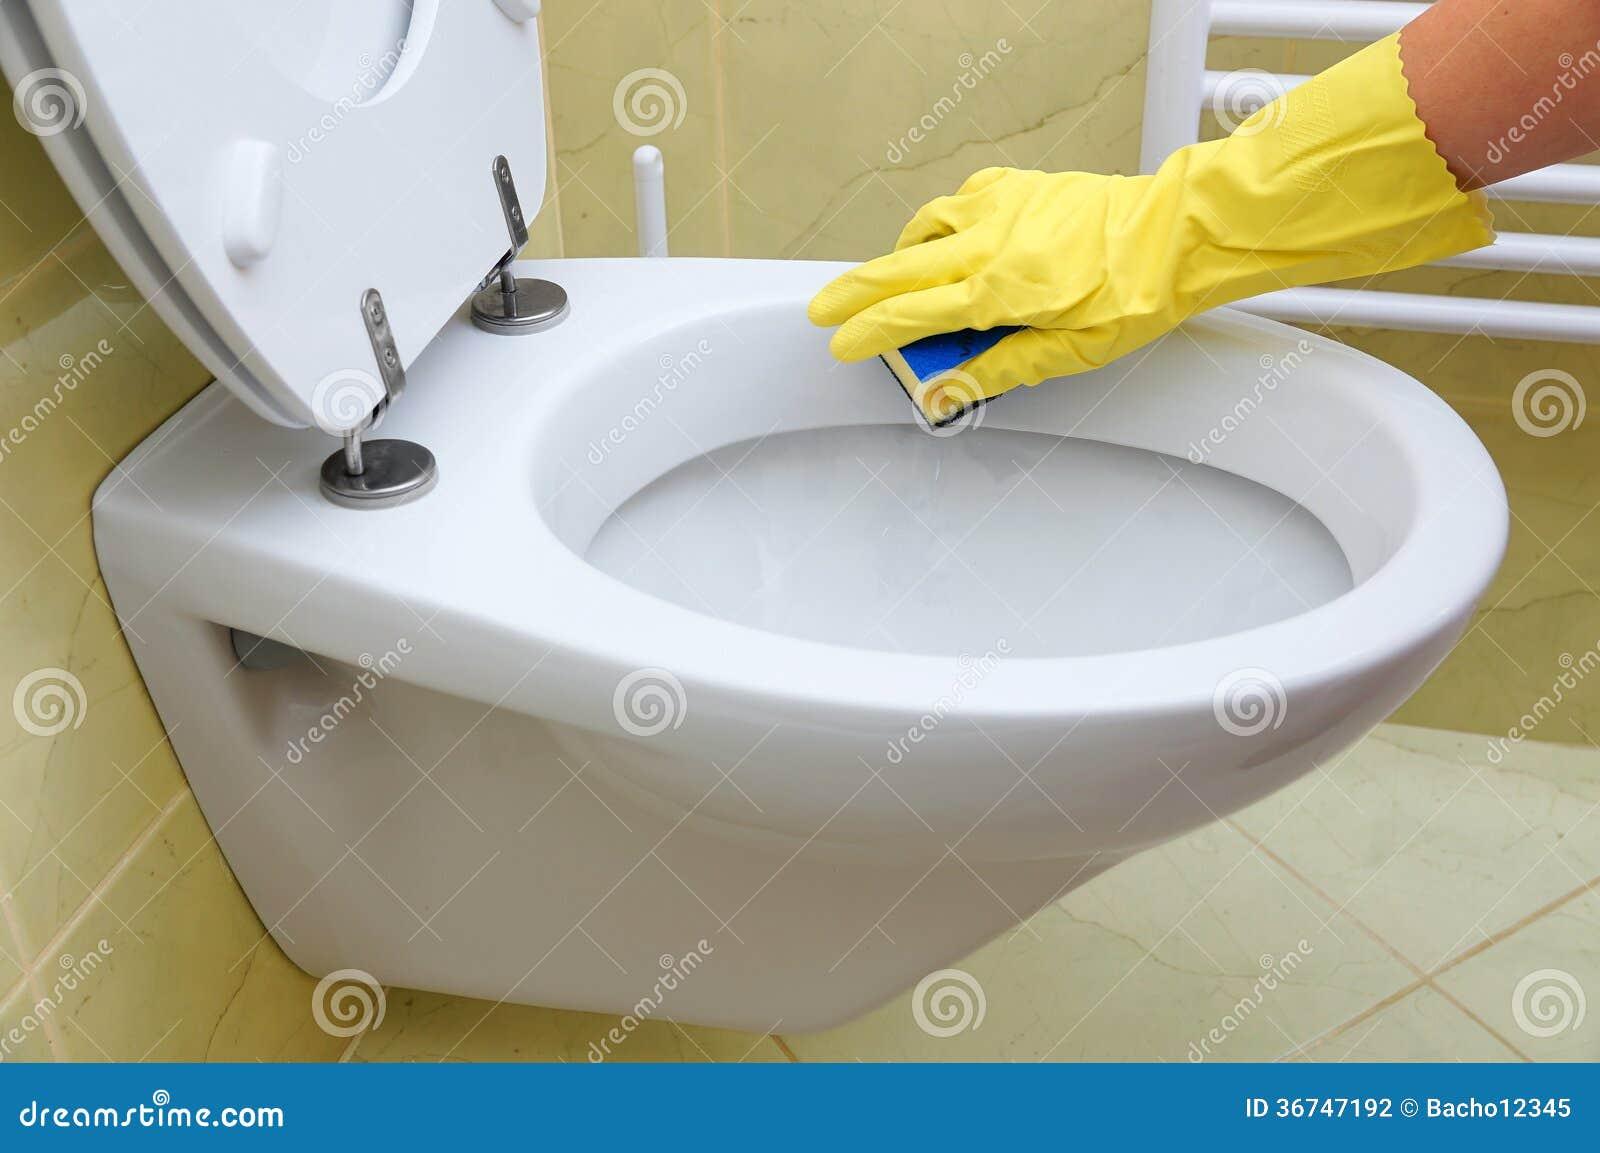 toilette de nettoyage photographie stock image 36747192. Black Bedroom Furniture Sets. Home Design Ideas